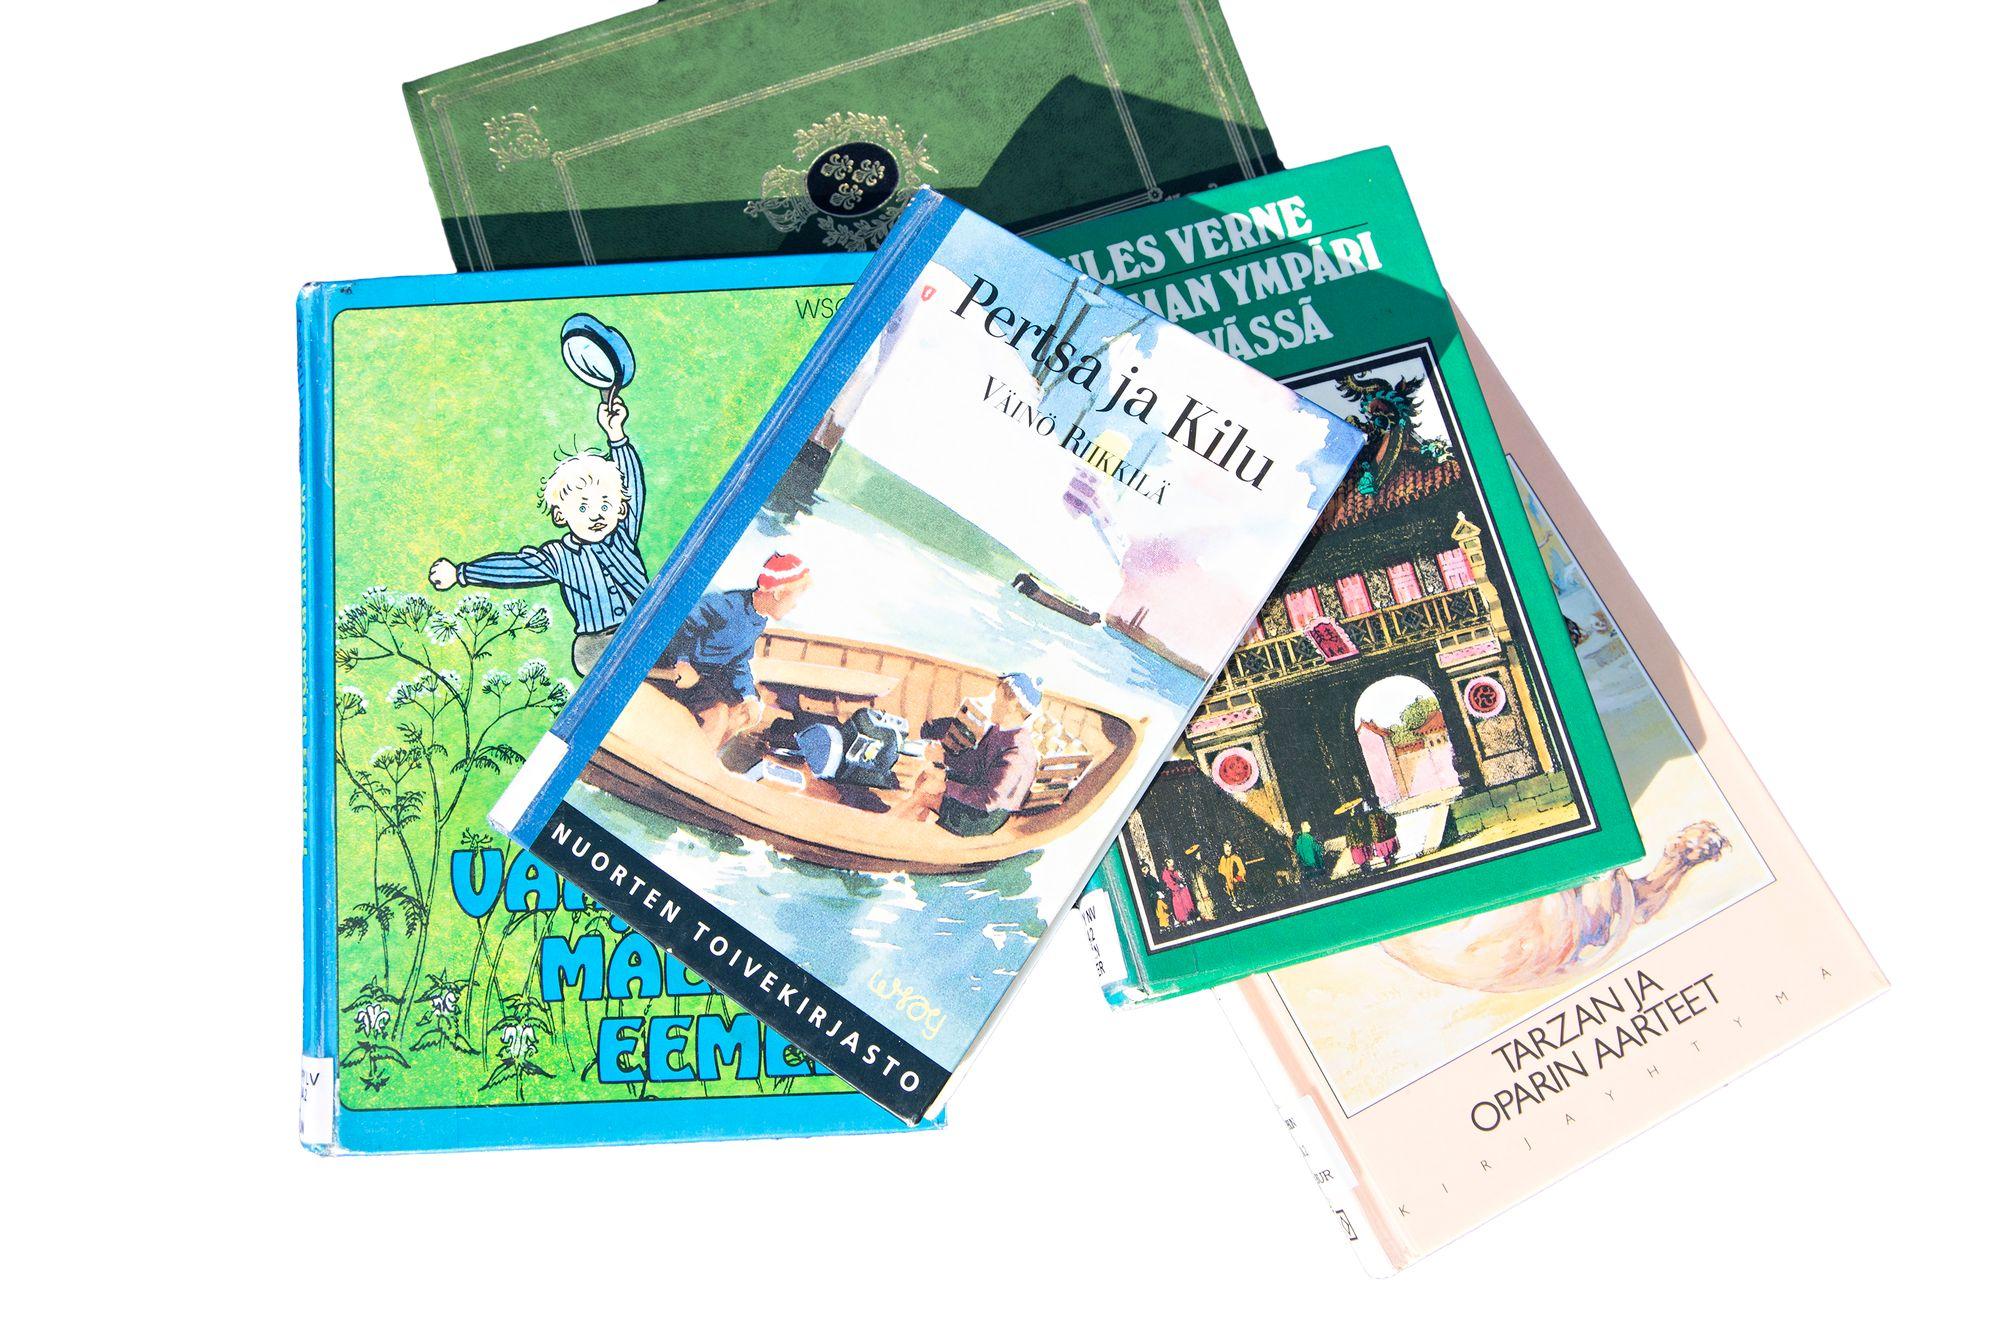 Lapsuudessa ja nuoruudessa luetuista kirjoista saa aikuisena hauskan aikamatkan vuosikymmenten taa. © Pekka Nieminen